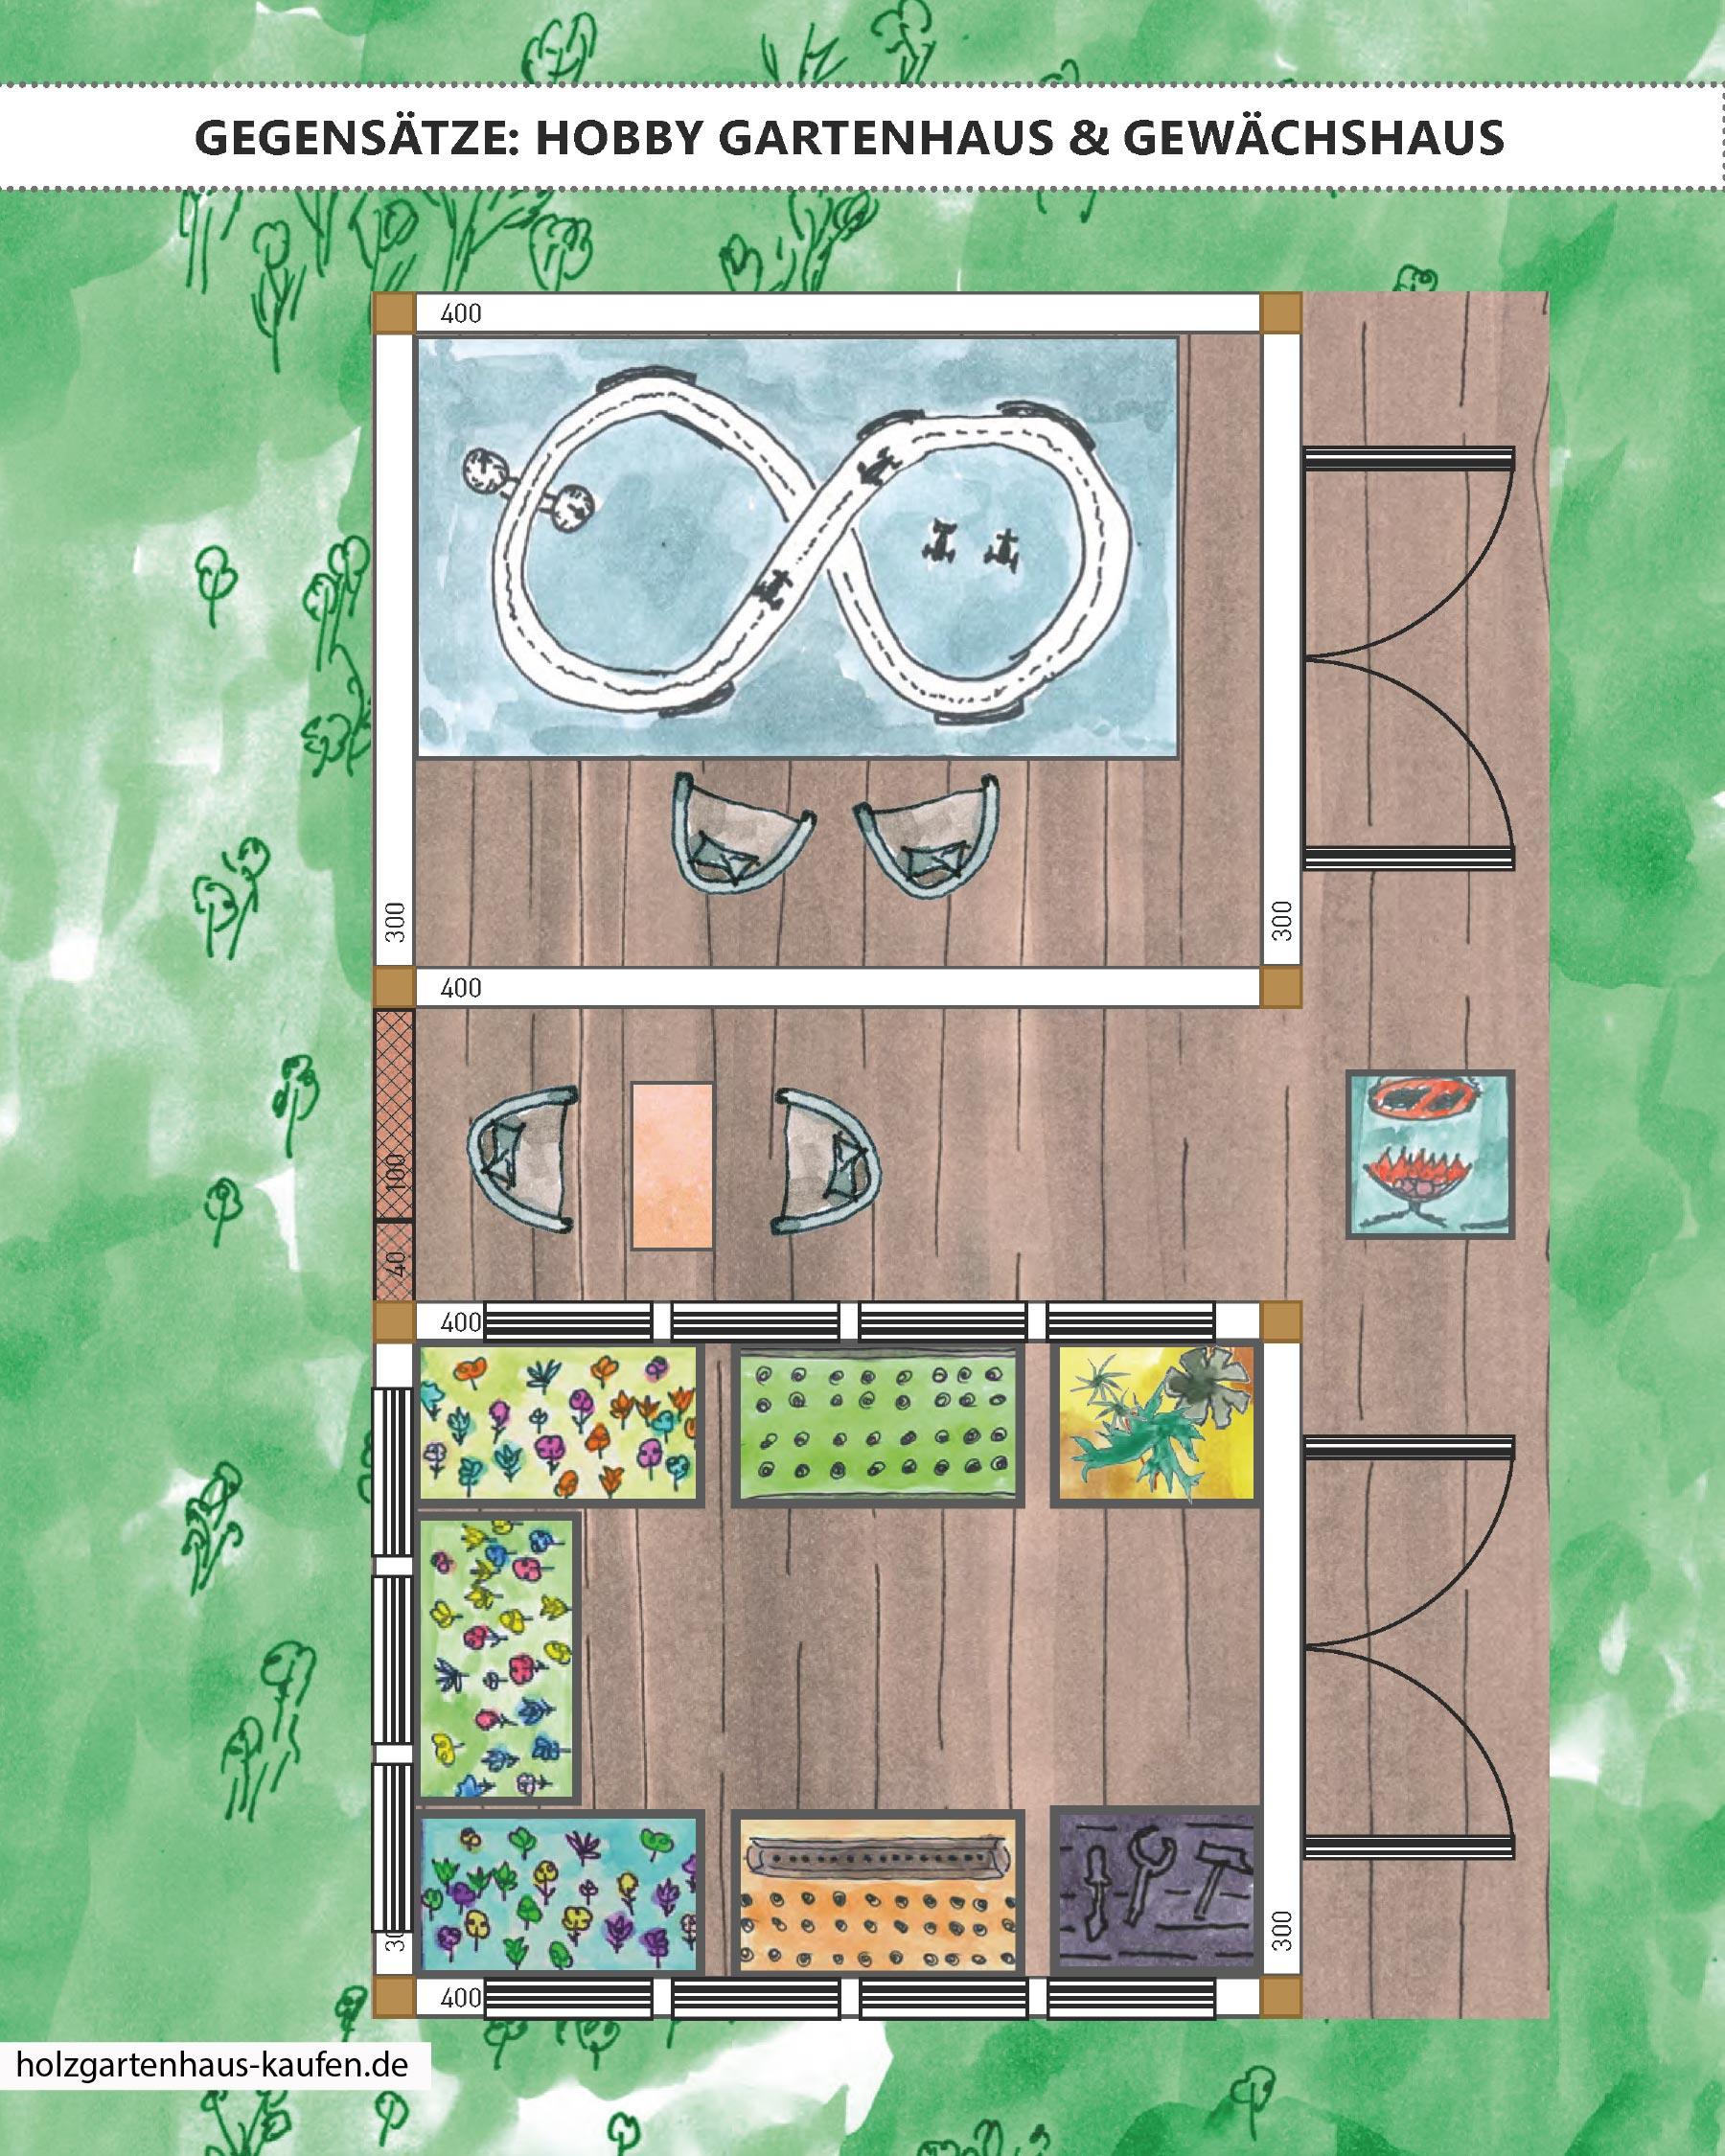 Hobby Gartenhaus Und Gewachshaus Auf Einer Gemeinsamen Terrasse Planen